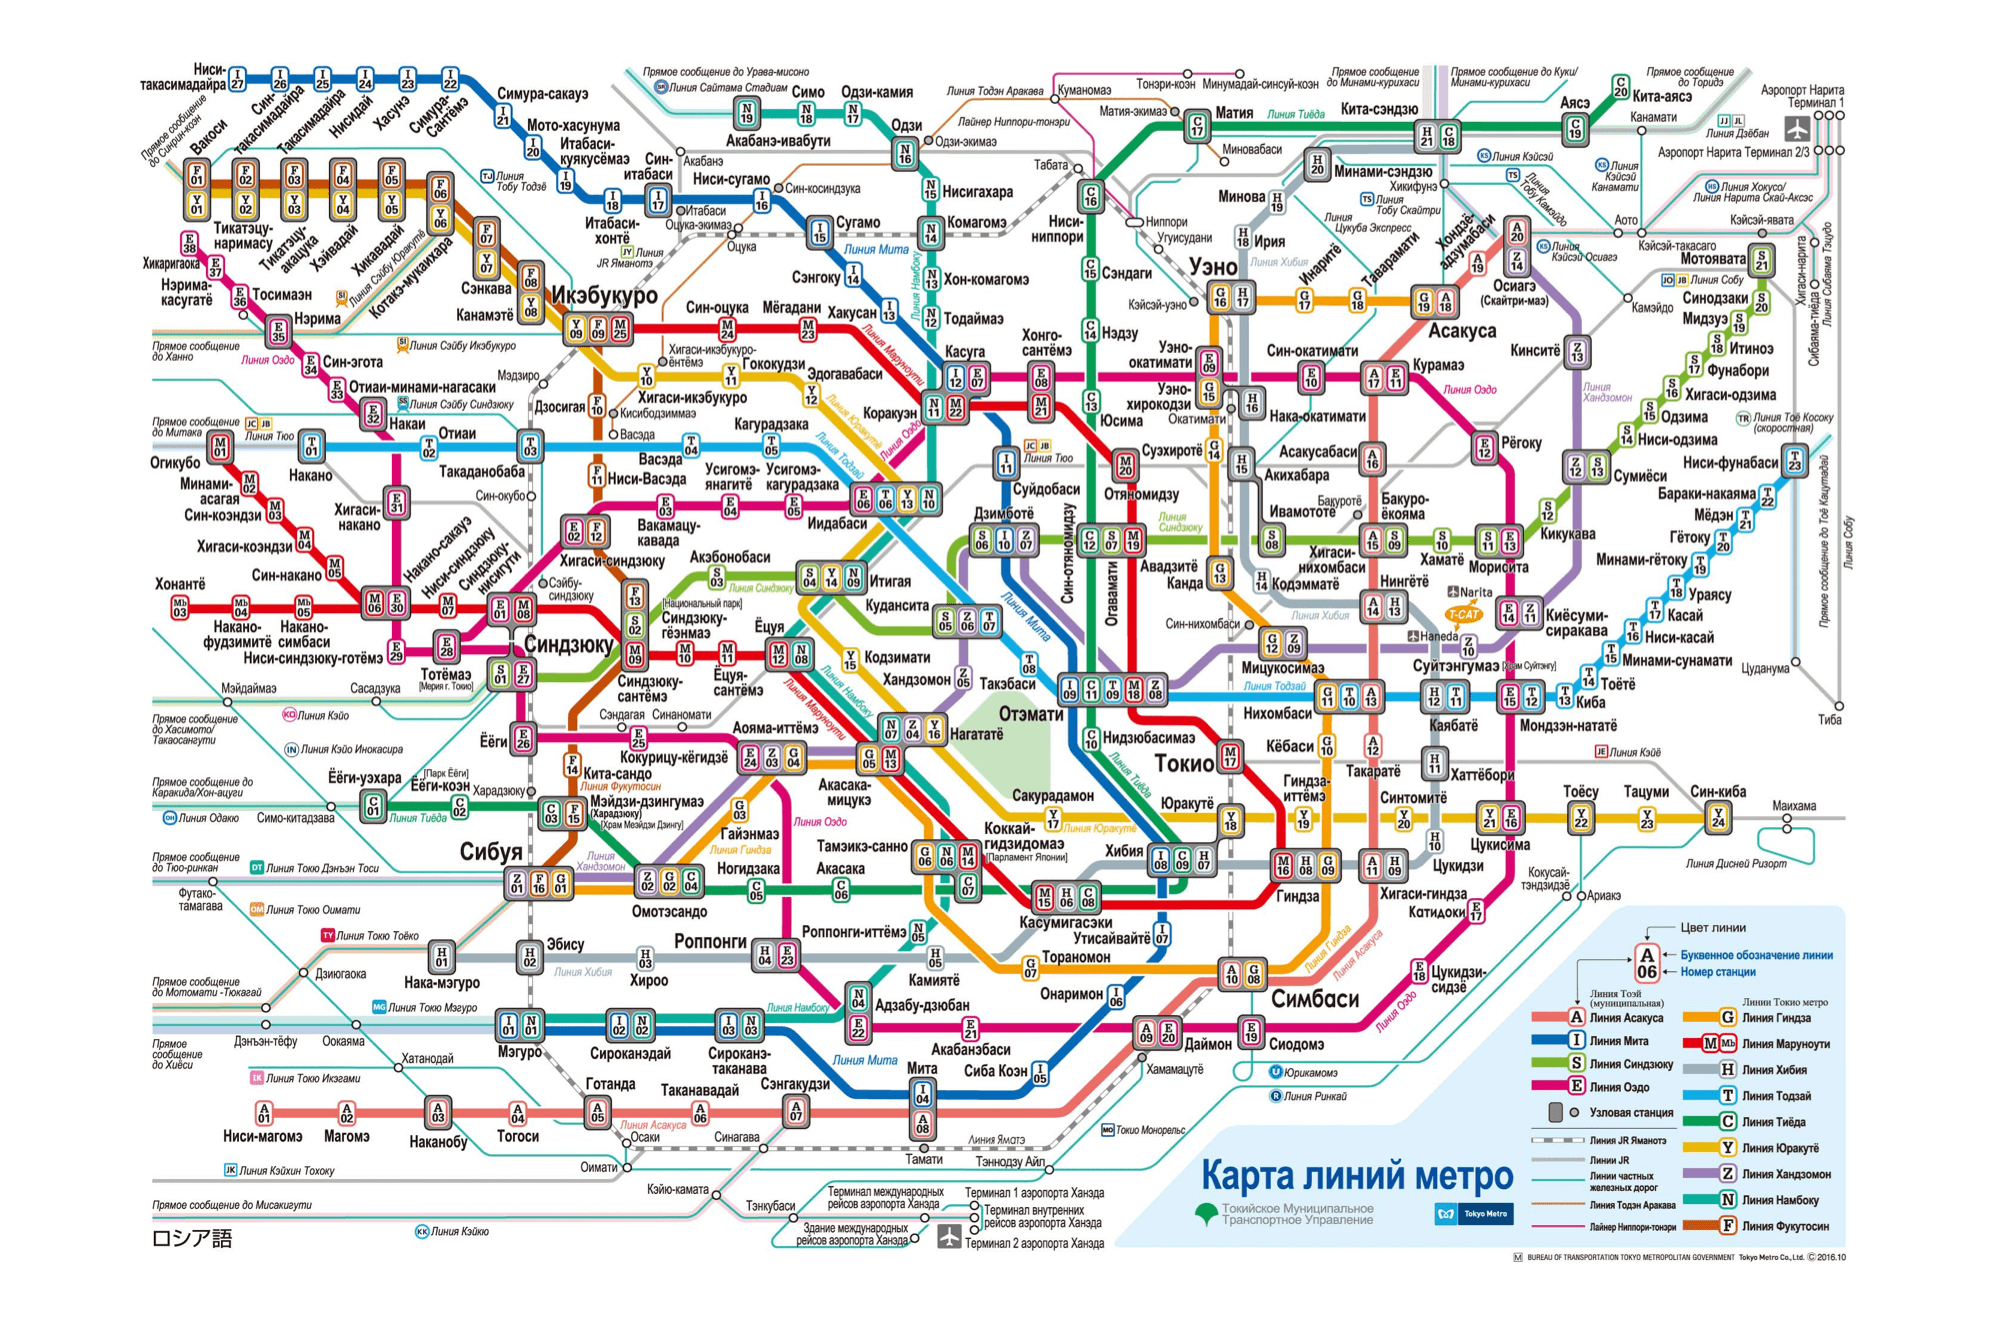 Плотная сеть станций метро пронизывает весь город. От одной станции до другой пешком около 25 минут